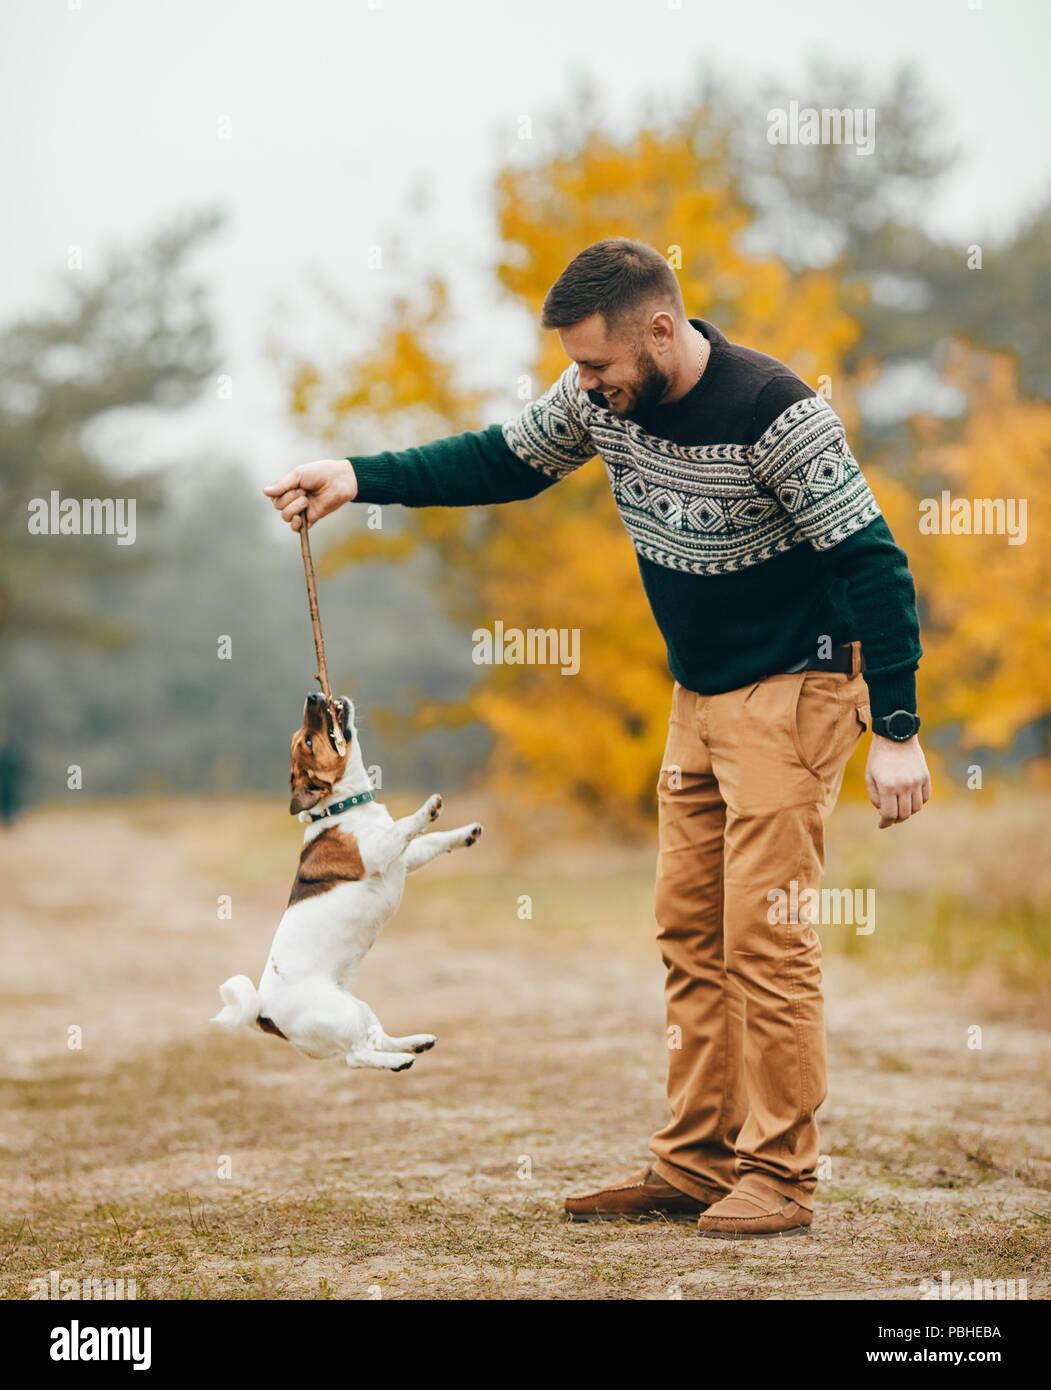 Junger Mann hat Spaß und spielt mit seinem Hund beim Spaziergang im Wald. Stockbild